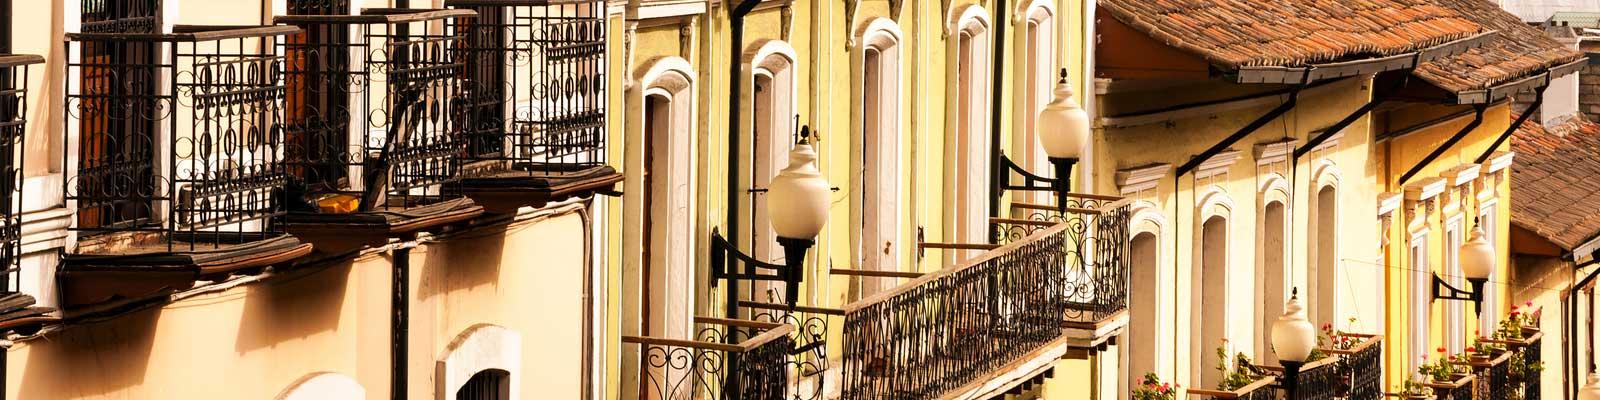 Ecuador Casas com Varanda Investimento em Casas, apartamentos, condomínios, frente ao mar, frente a praia ou montanhas.